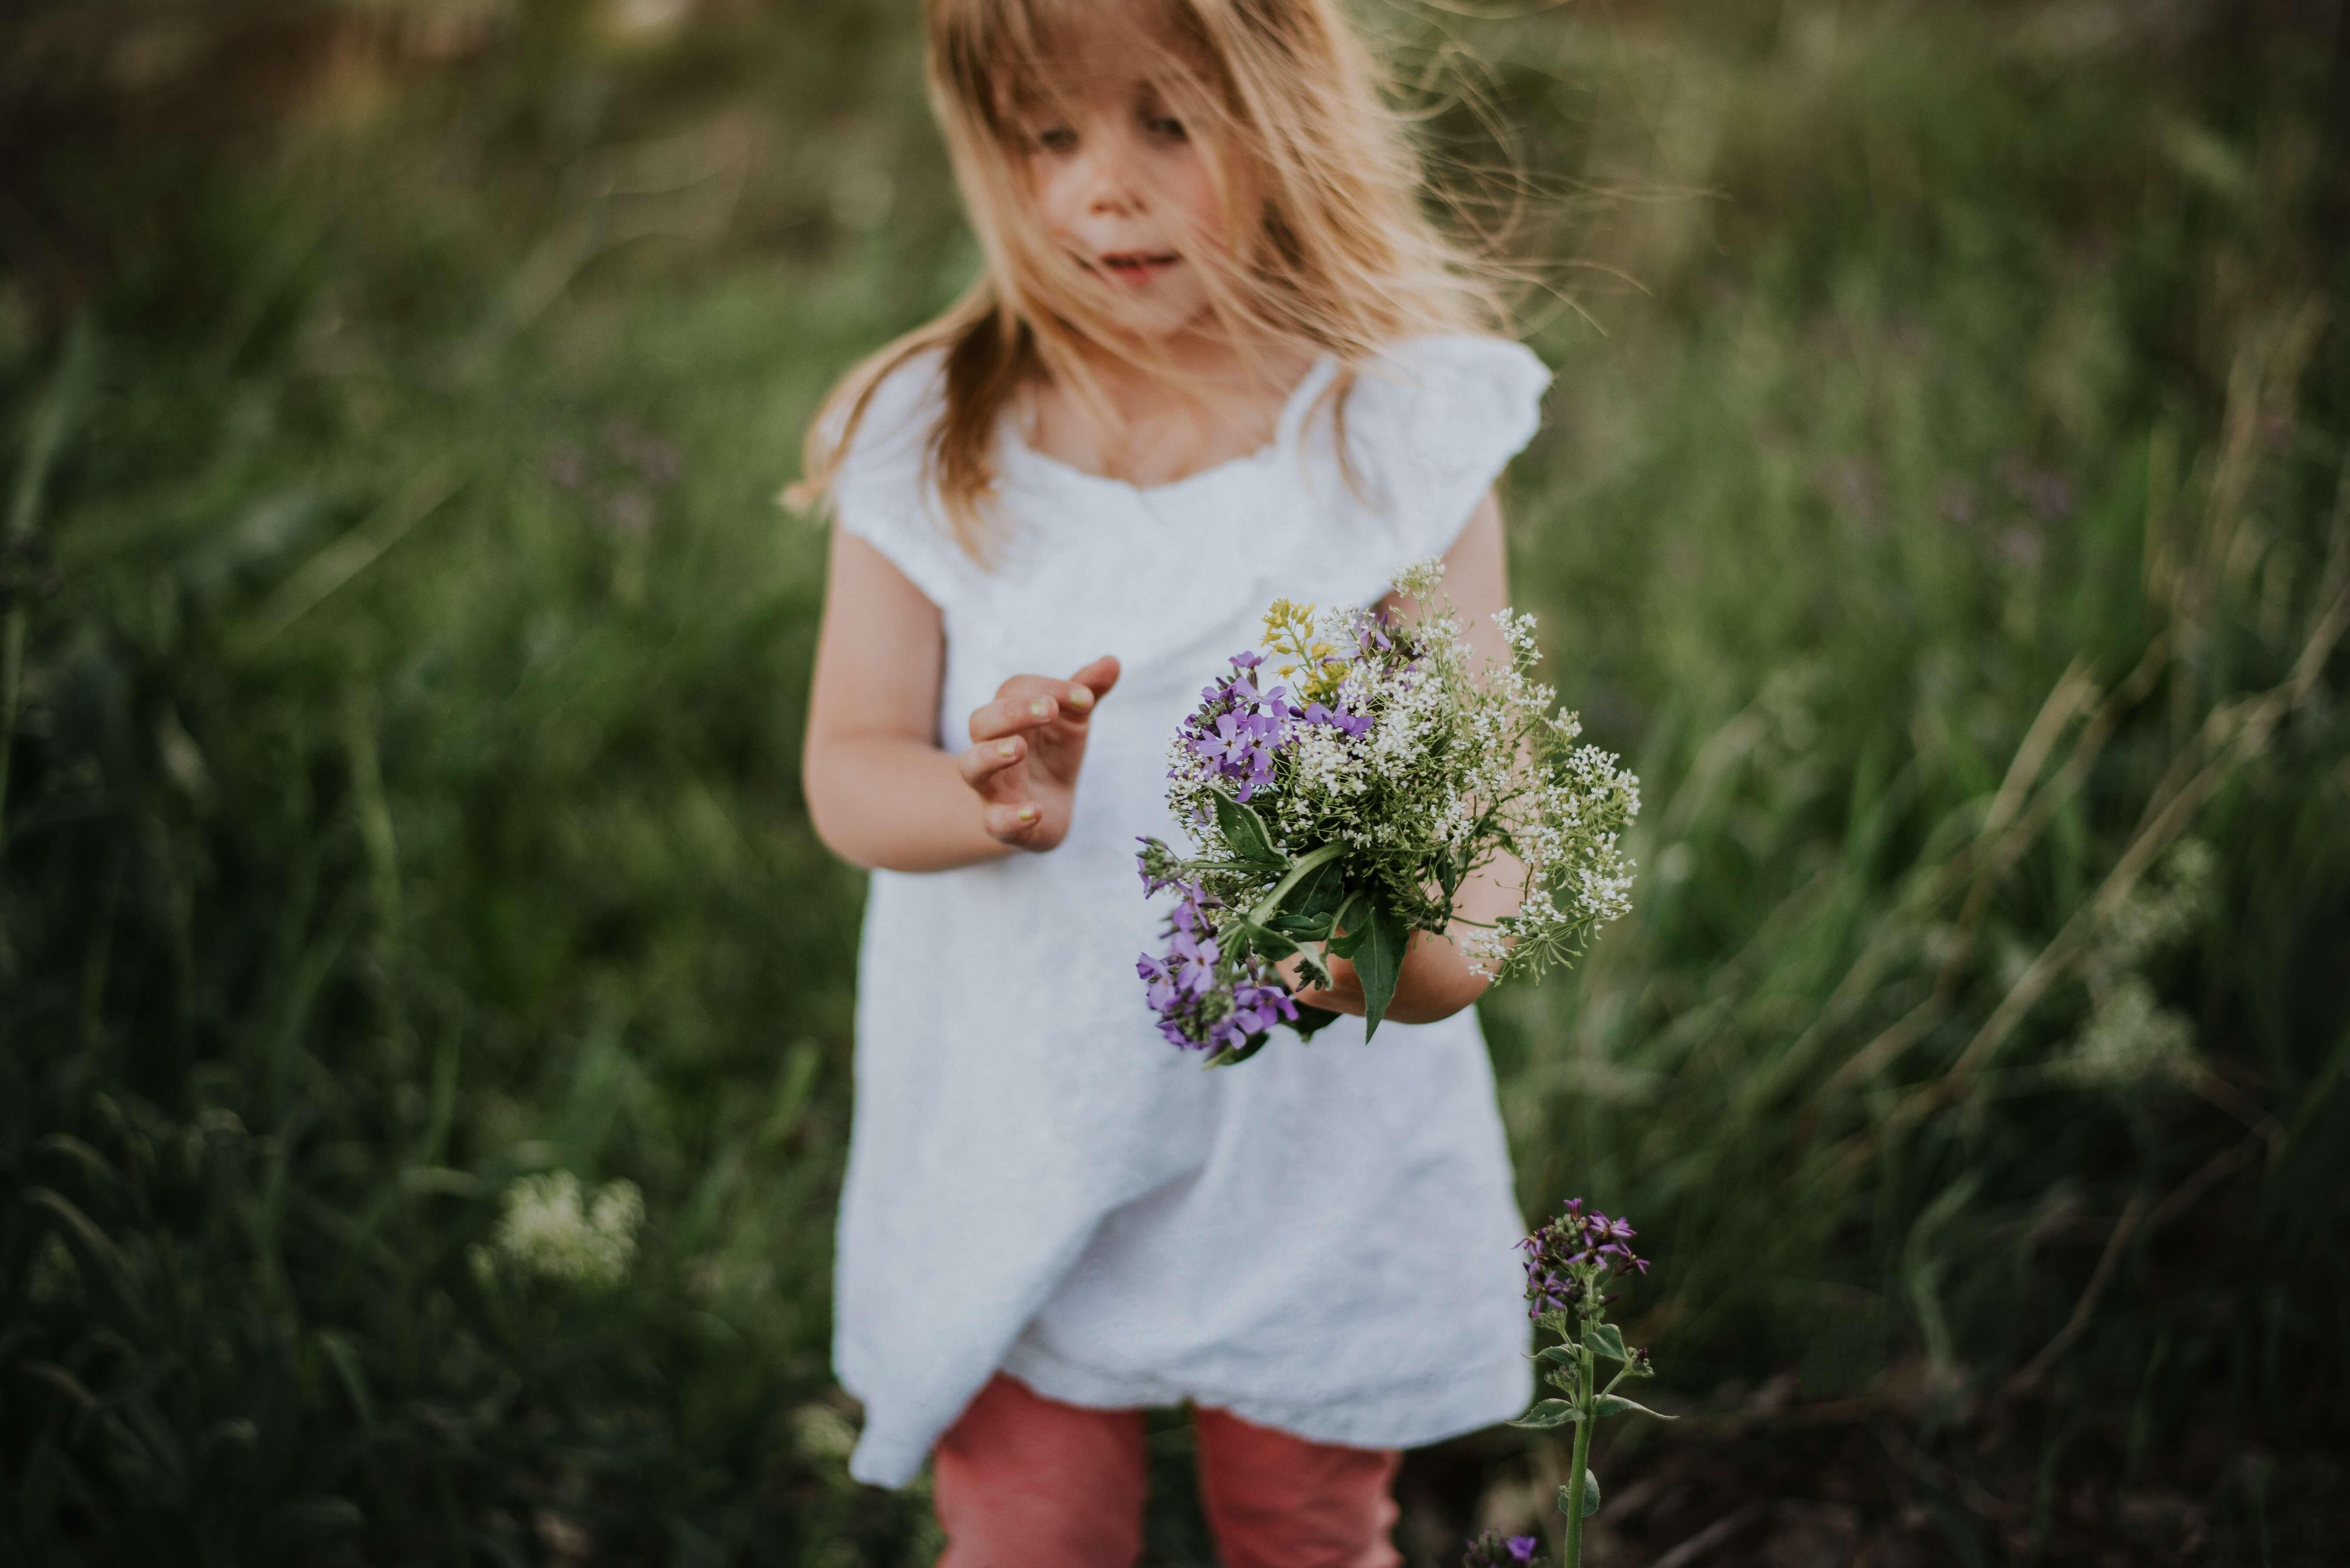 Menina com flores silvestres na mão